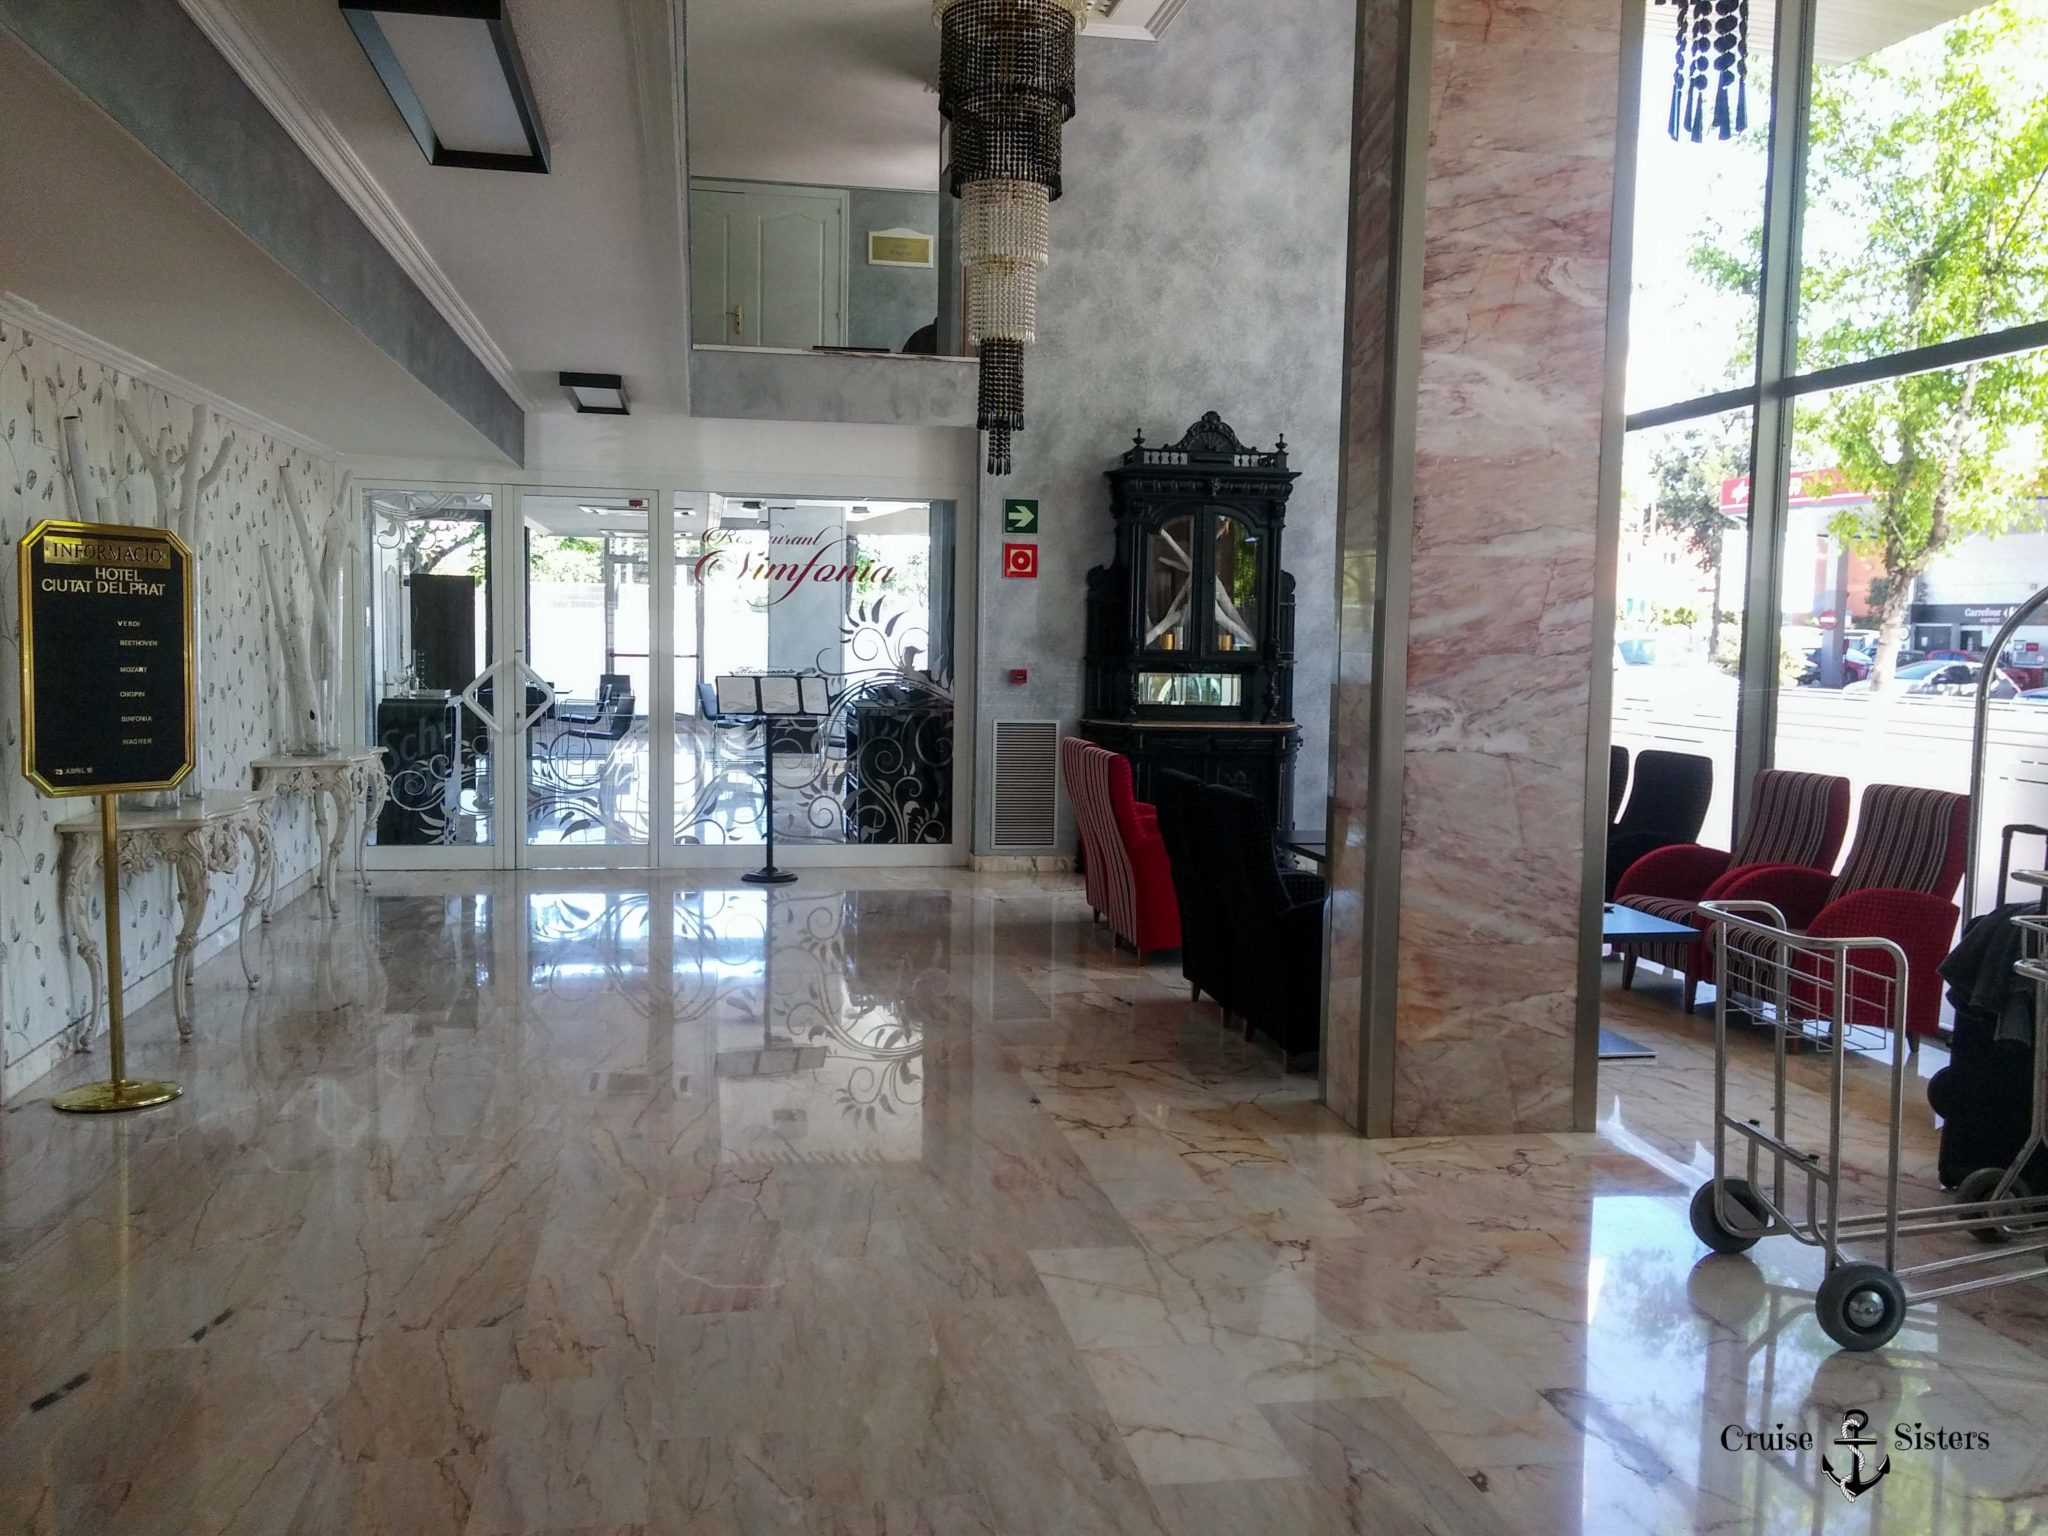 Empfang Hotel Hotel Barcelona Eingang Sallés Ciutat del Prat